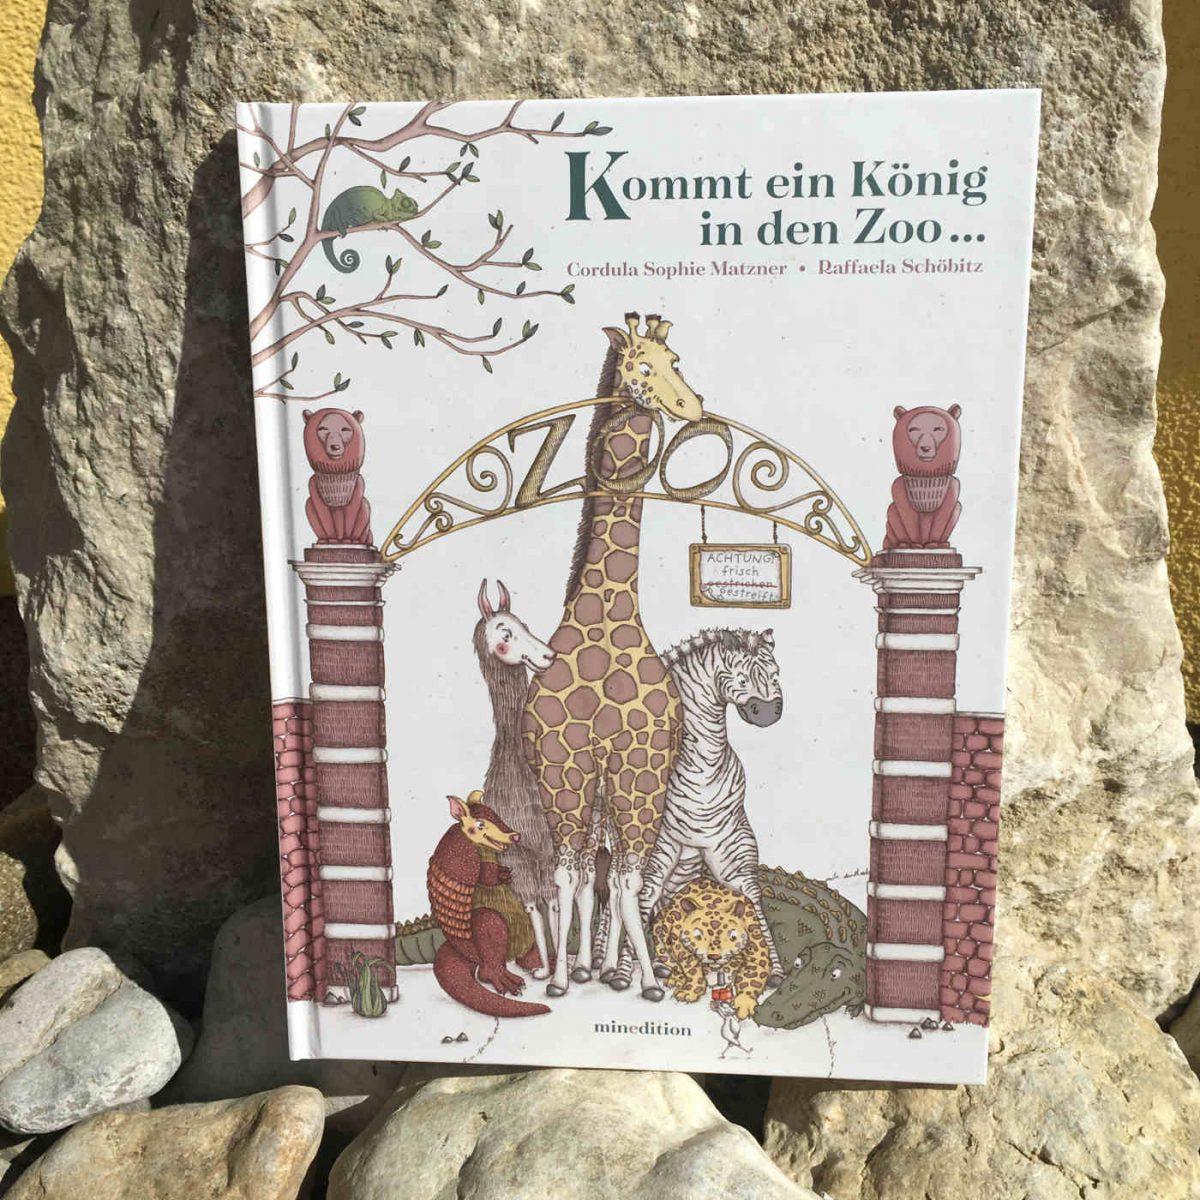 Cordula Sophie Matzner und Raffaela  Schöbitz: Kommt ein König in den Zoo…